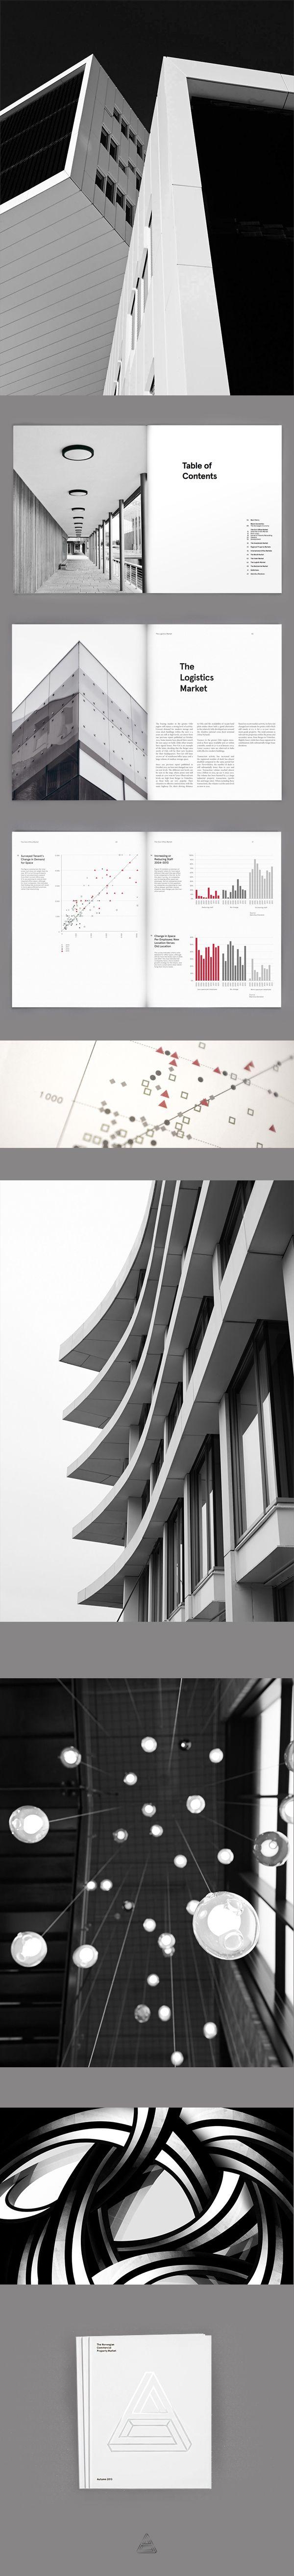 Akershus Eiendom - Annual report on Behance